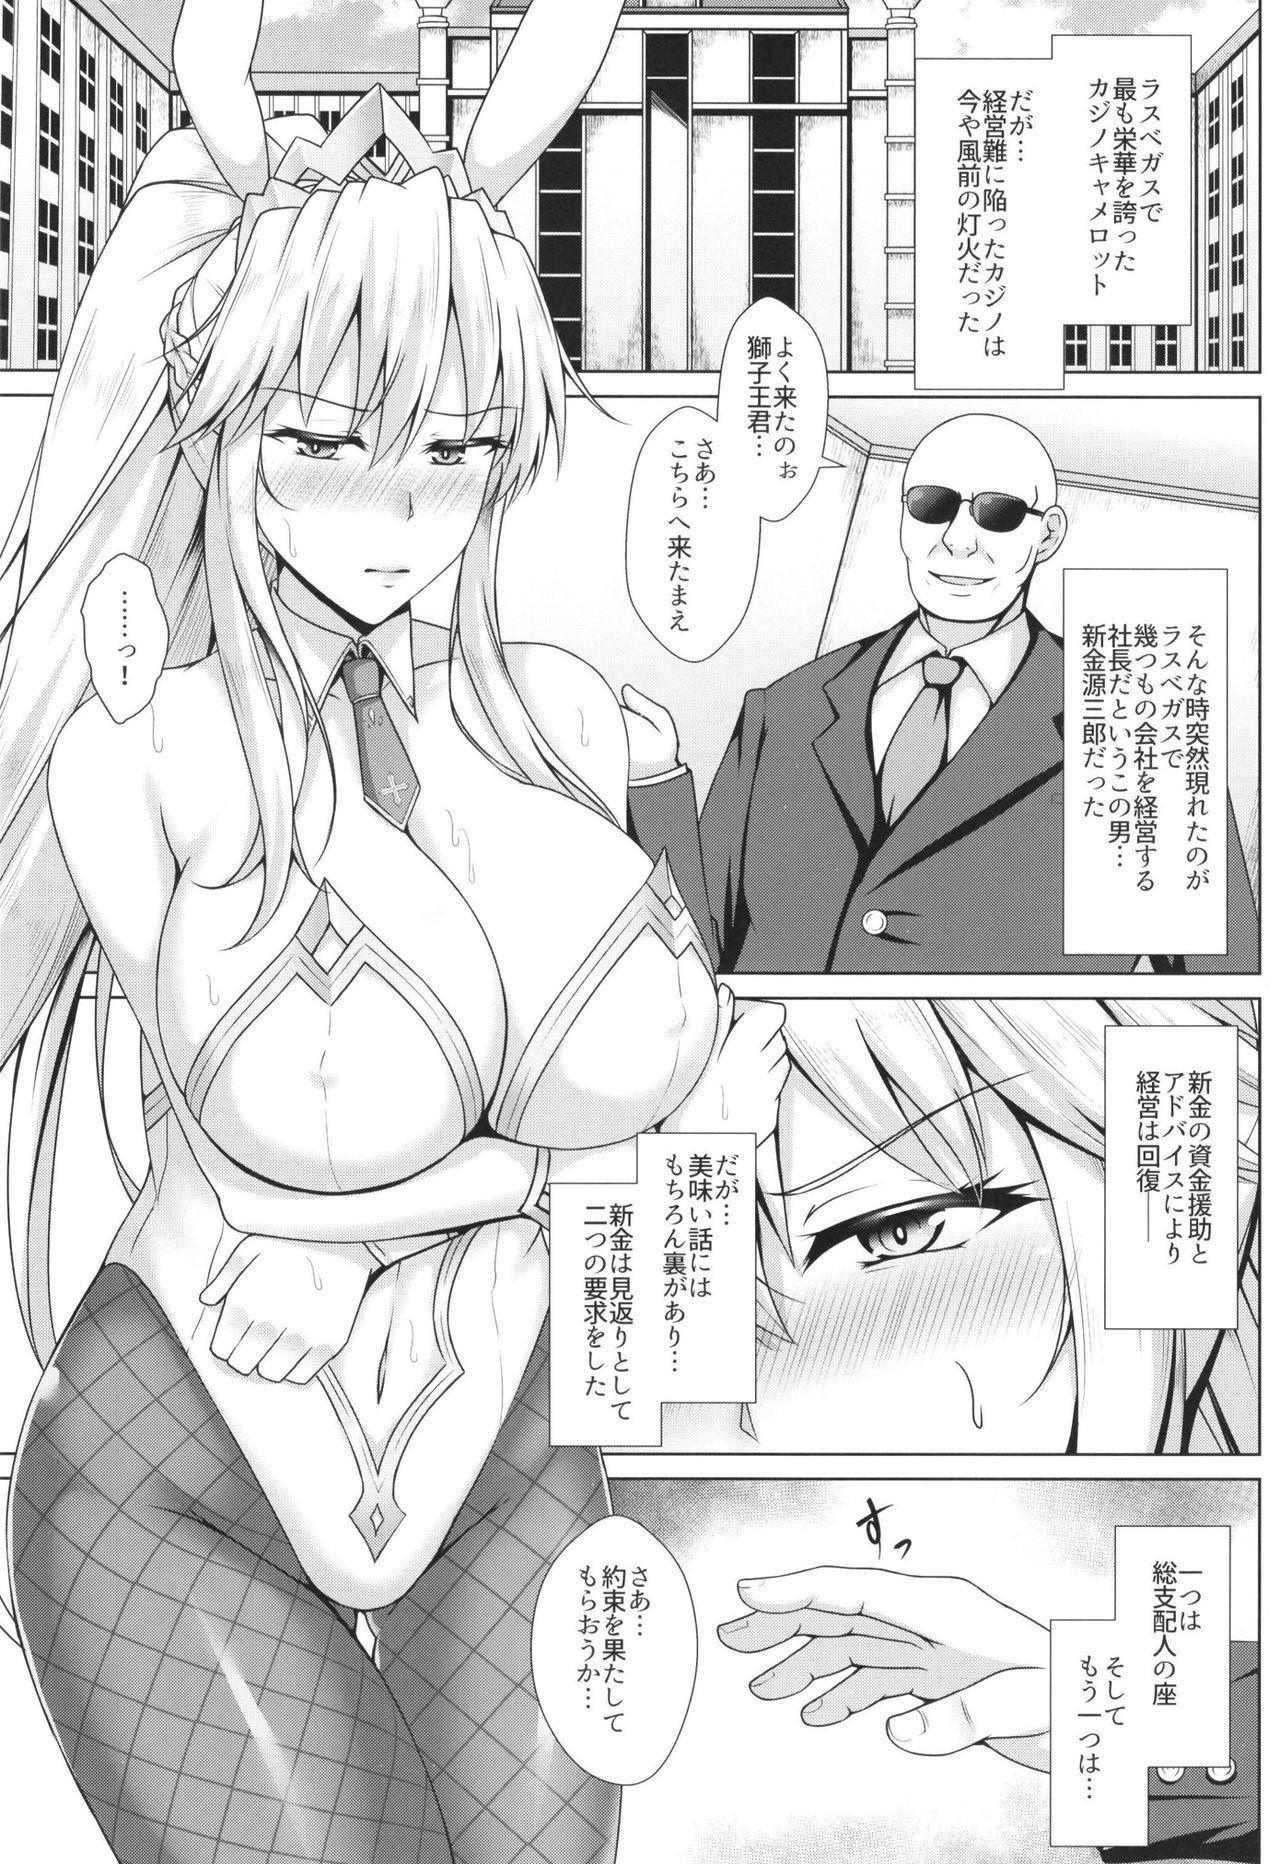 Shishi ga Usagi ni Ochiru Toki 4